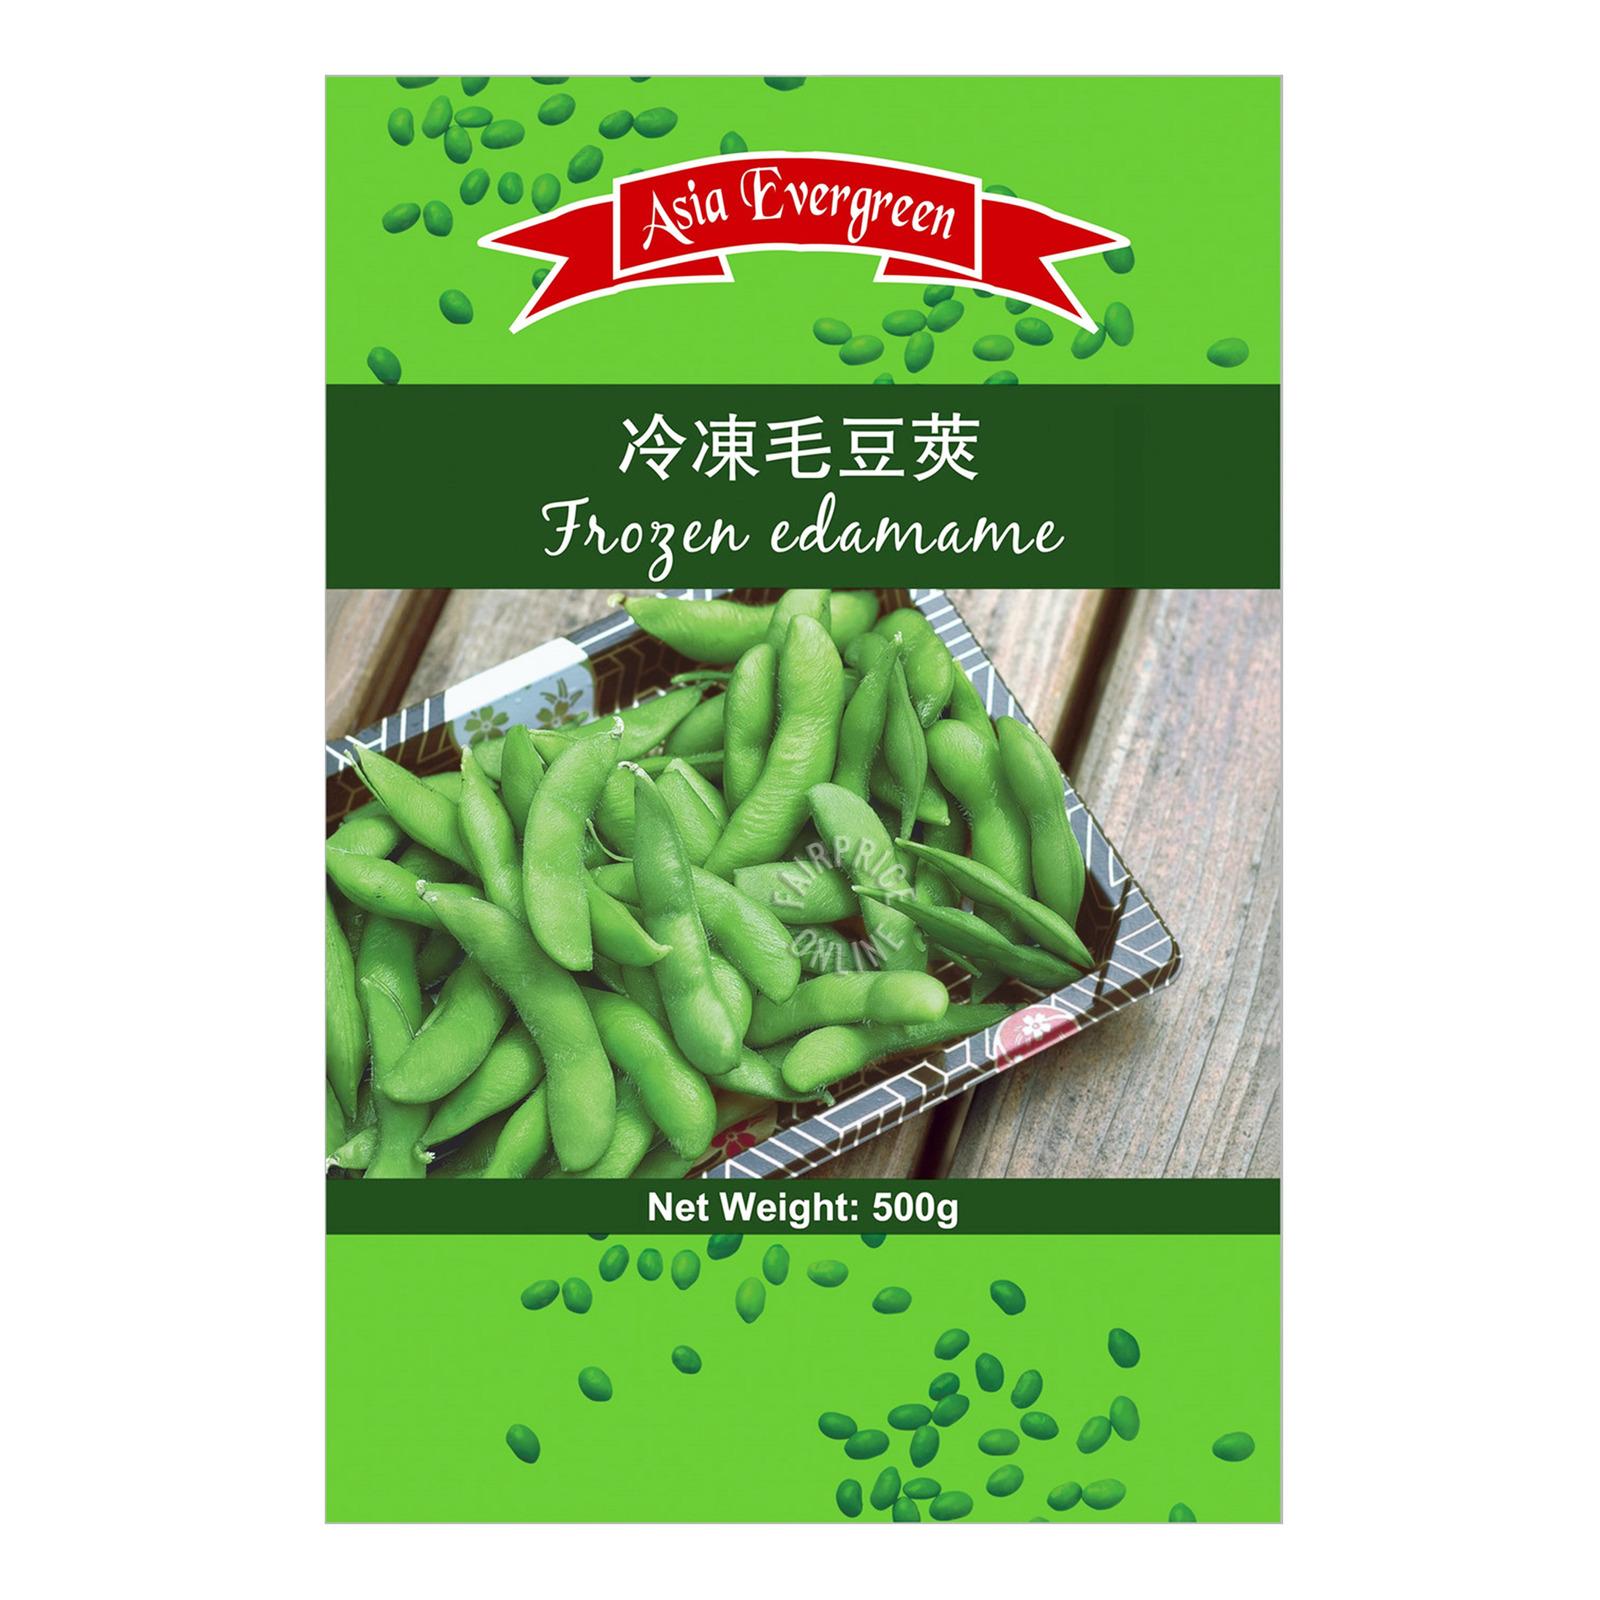 Asia Evergreen Frozen Edamame